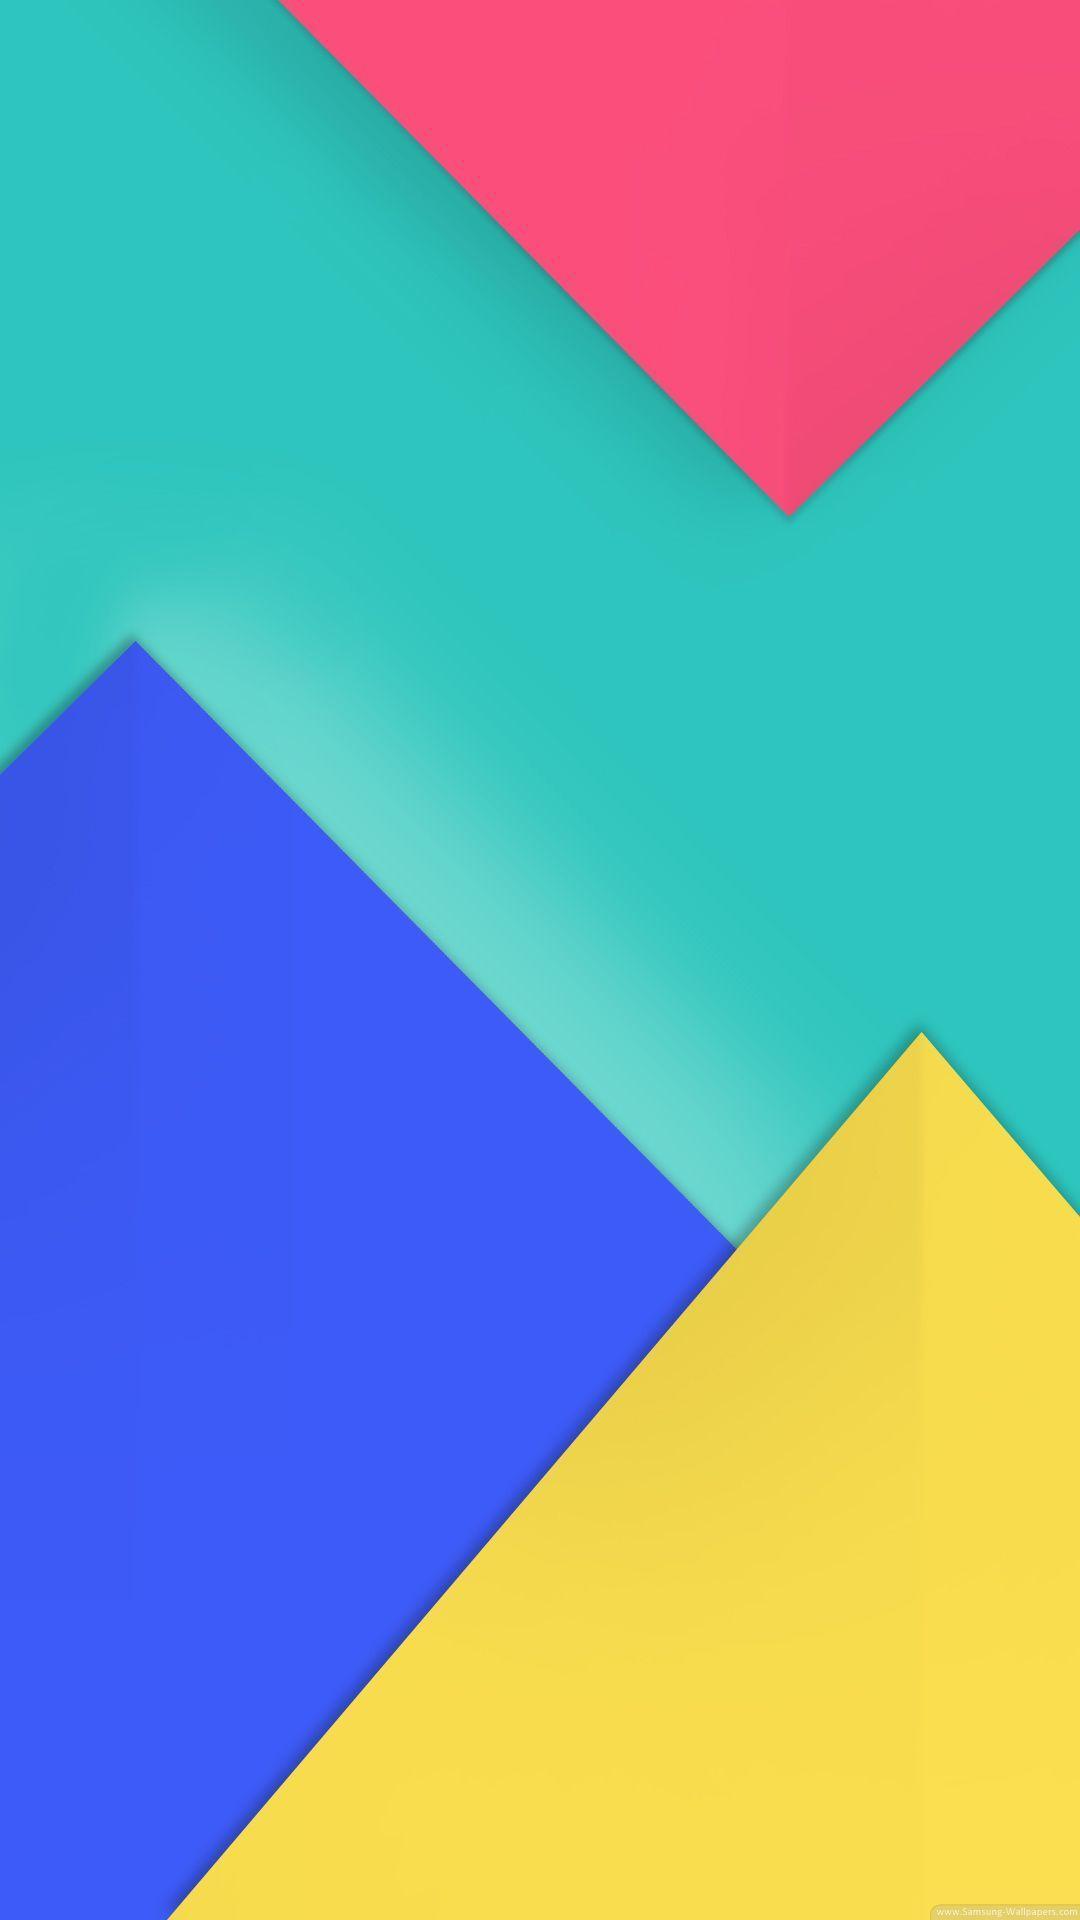 1 Wallpaper Wallpapers Elegant For Android Terbaru 2016